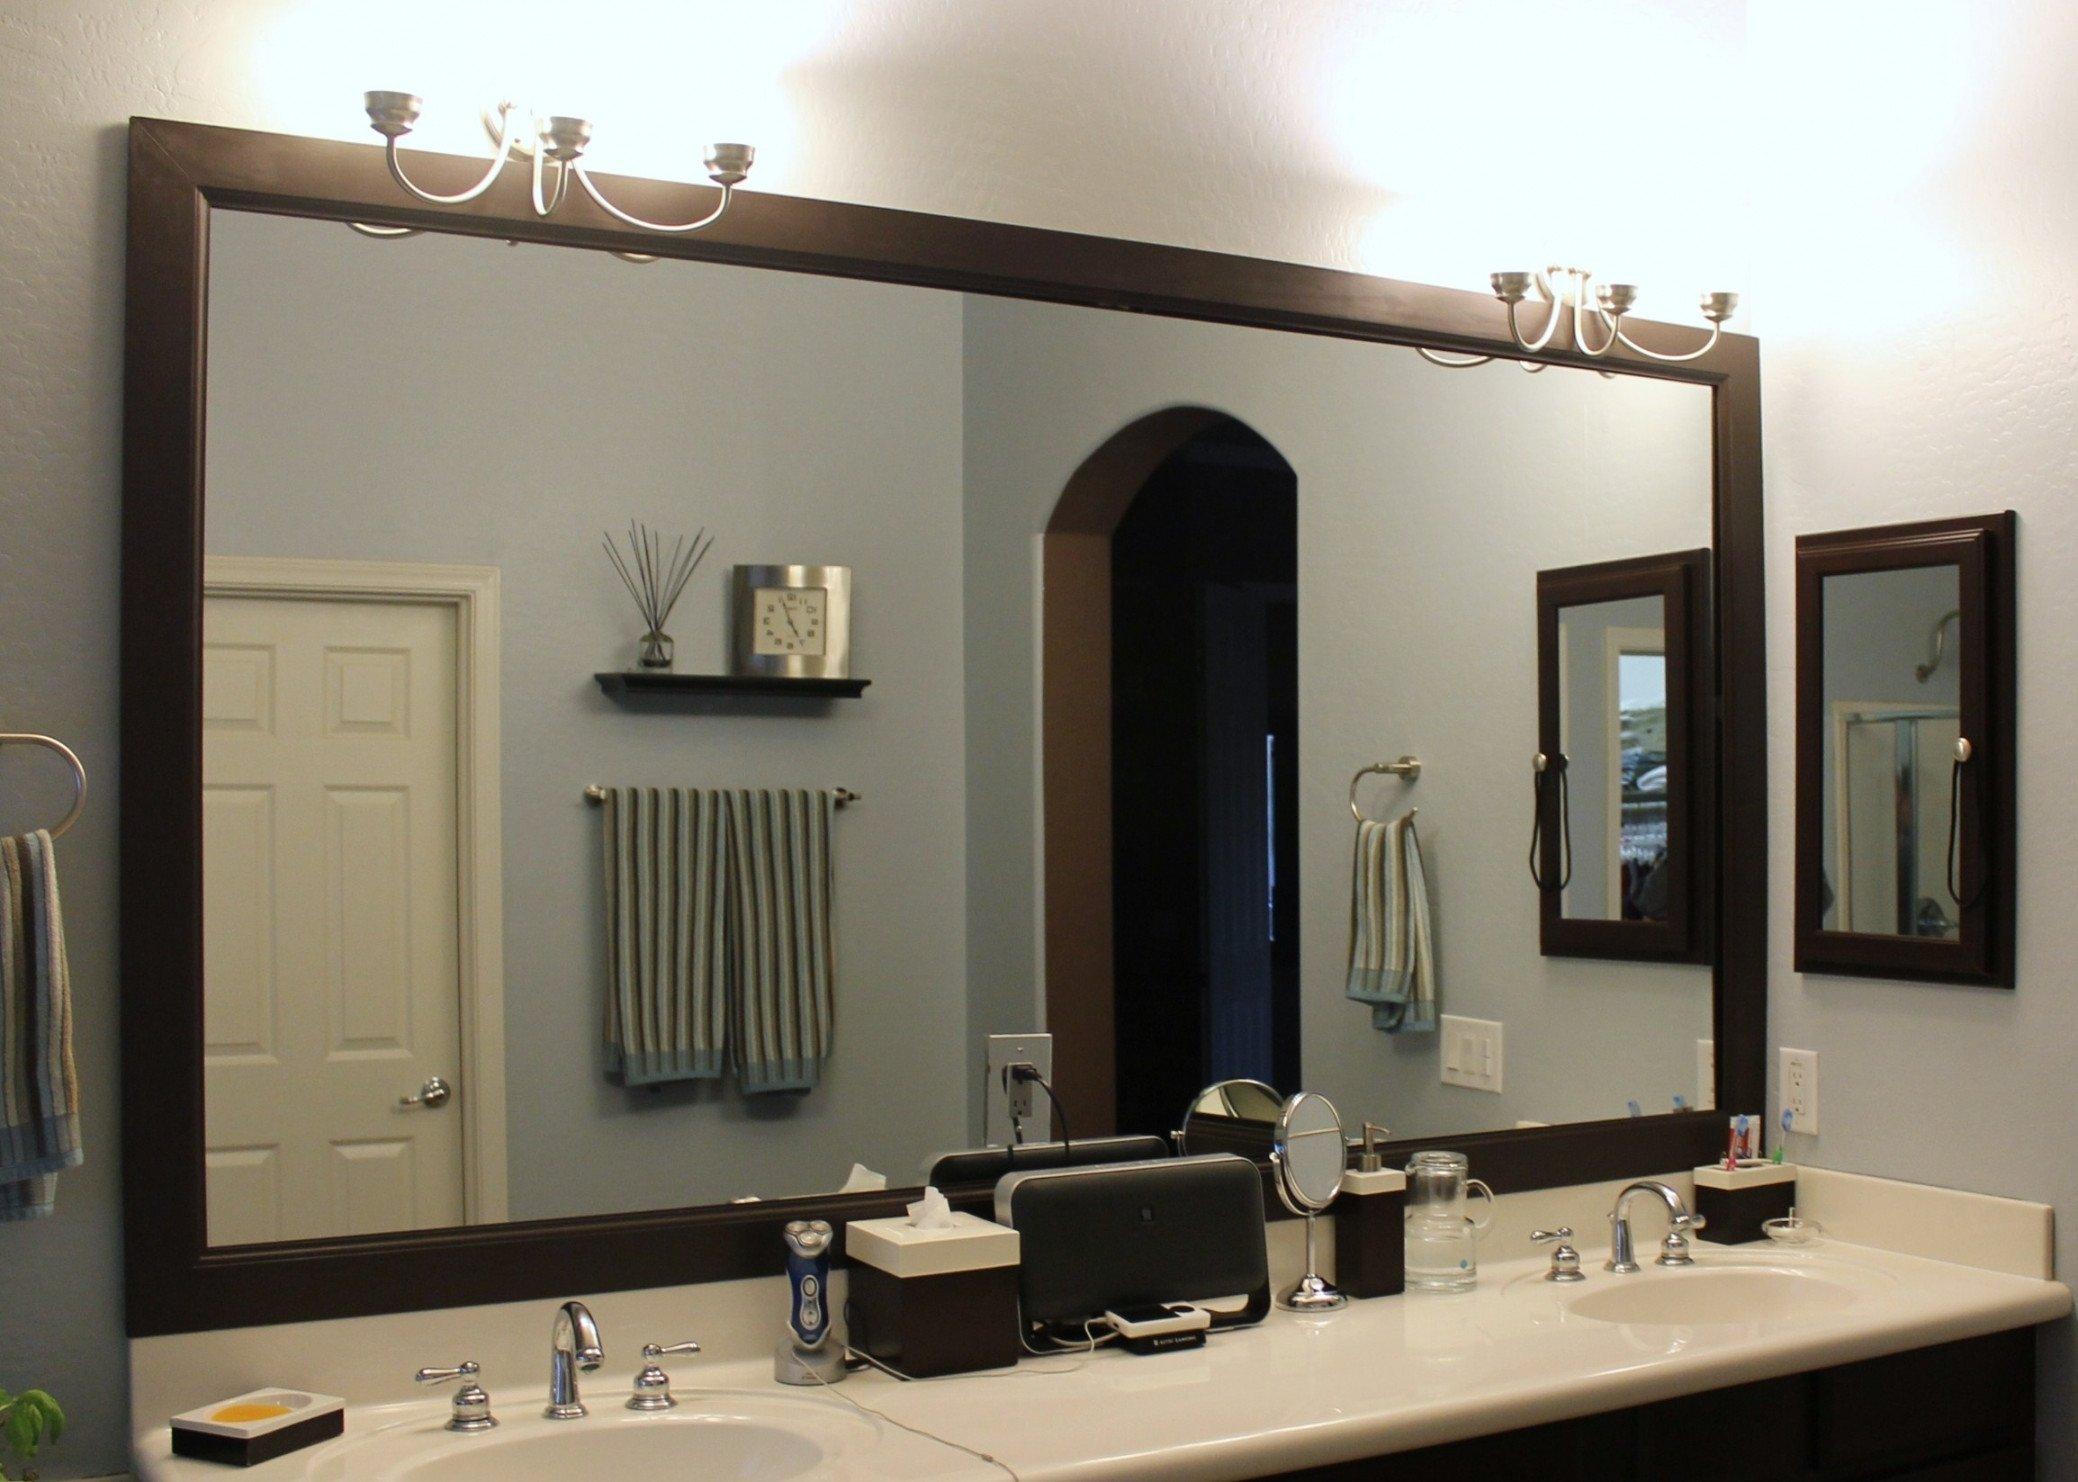 10 Lovable Diy Bathroom Mirror Frame Ideas wonderful framed bathroom mirrors ideas diy bathroom mirror frame 2020